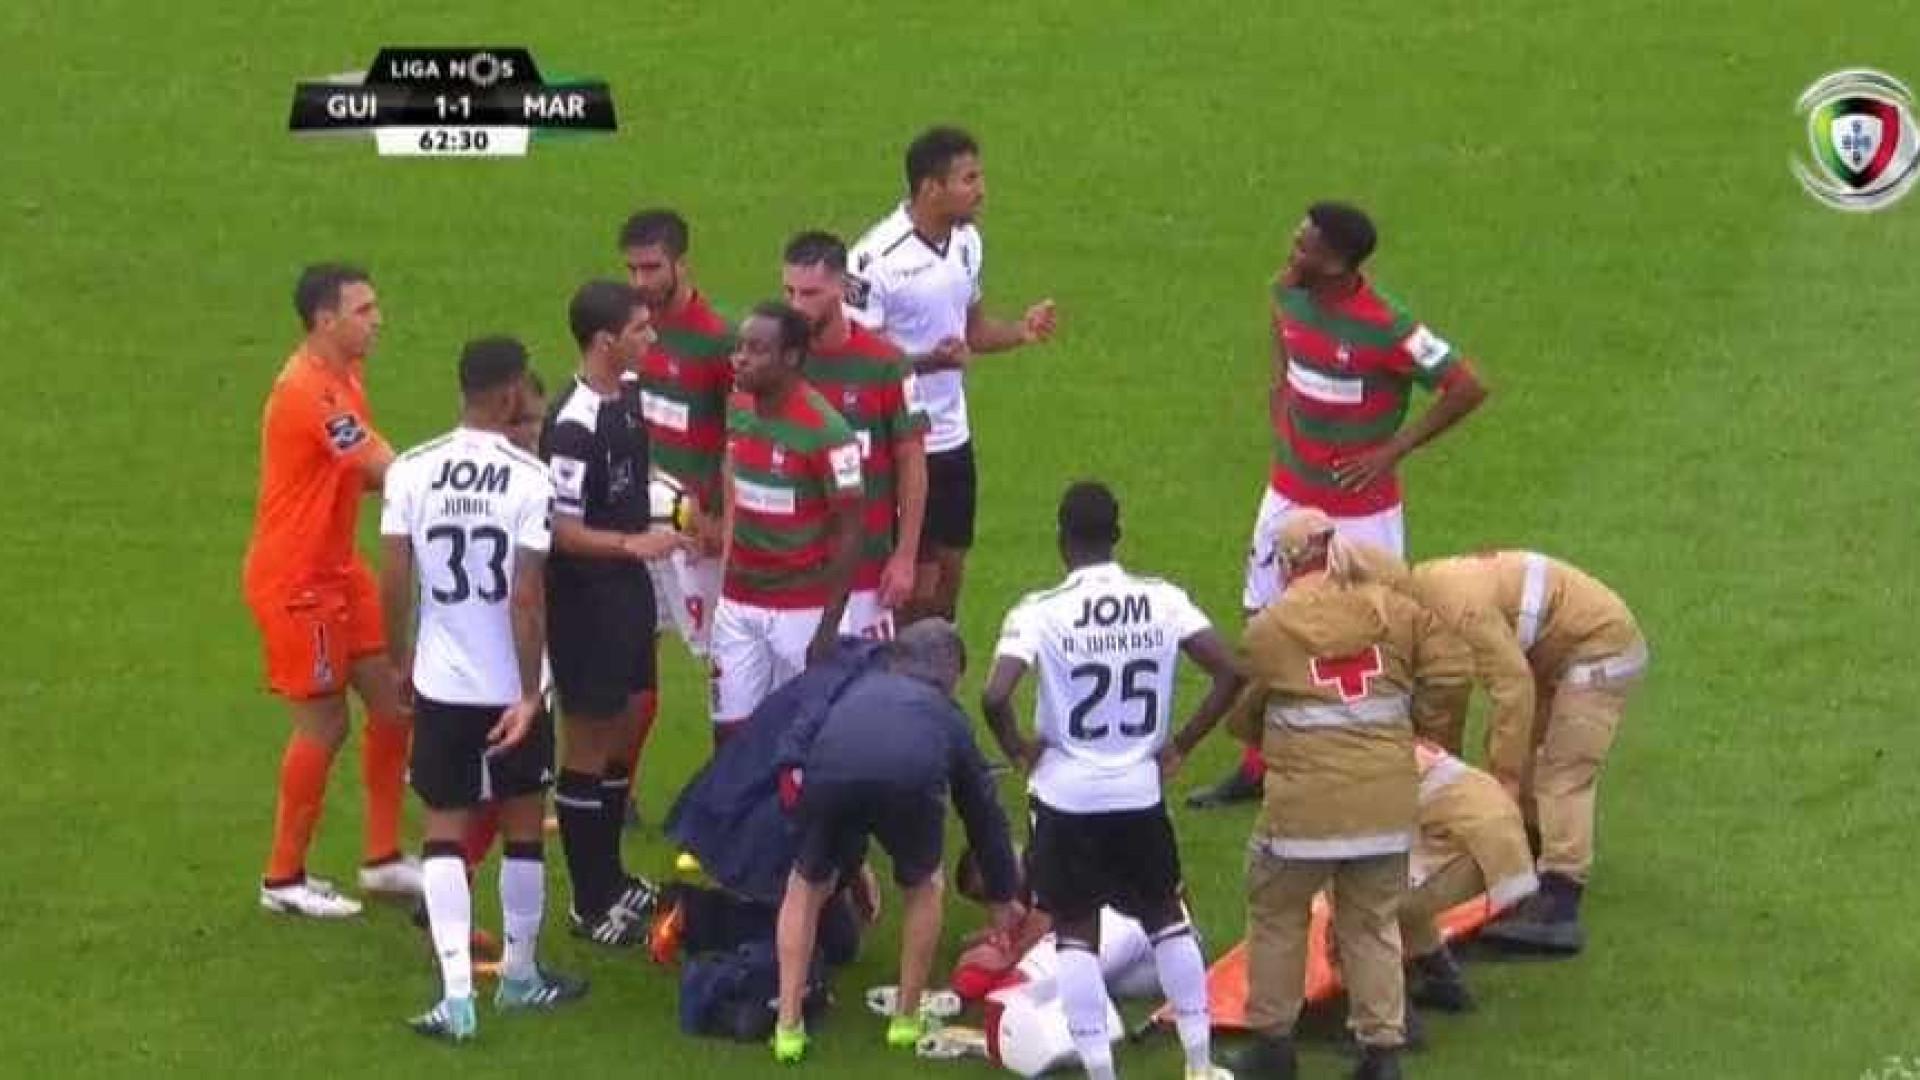 Relatório do Vitória SC-Marítimo revela diálogo picante entre Jubal e Zainadine